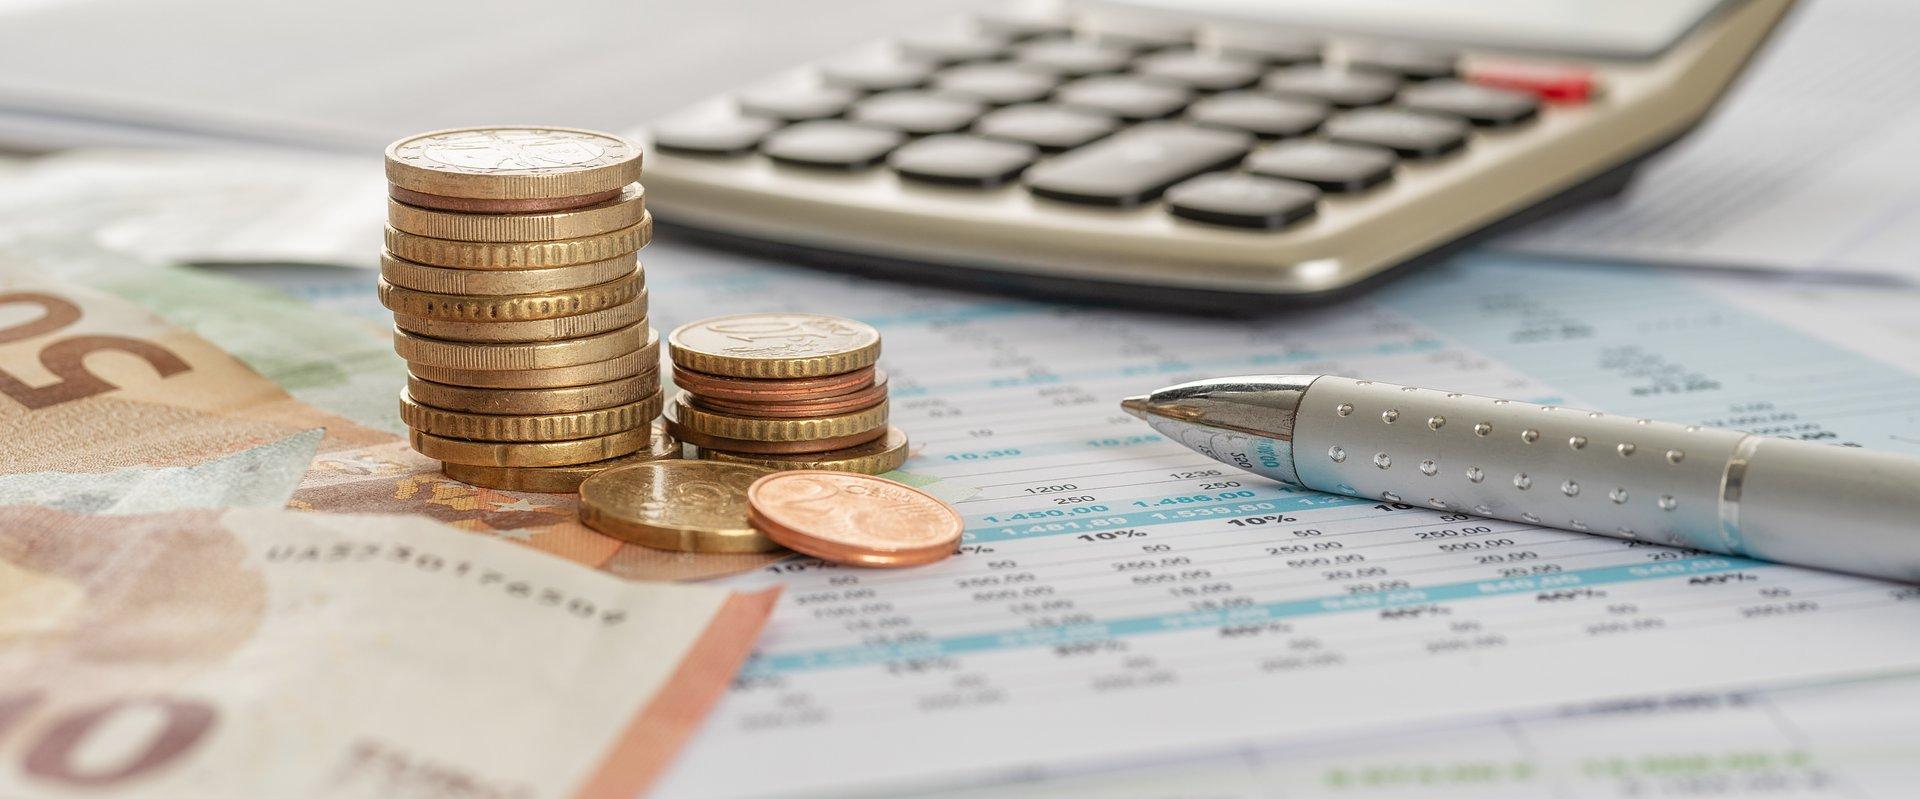 [Tarcza 2.0] Dofinansowanie do wynagrodzeń: Skrócenie obowiązku utrzymania zatrudnienia i nowe uprawnione podmioty